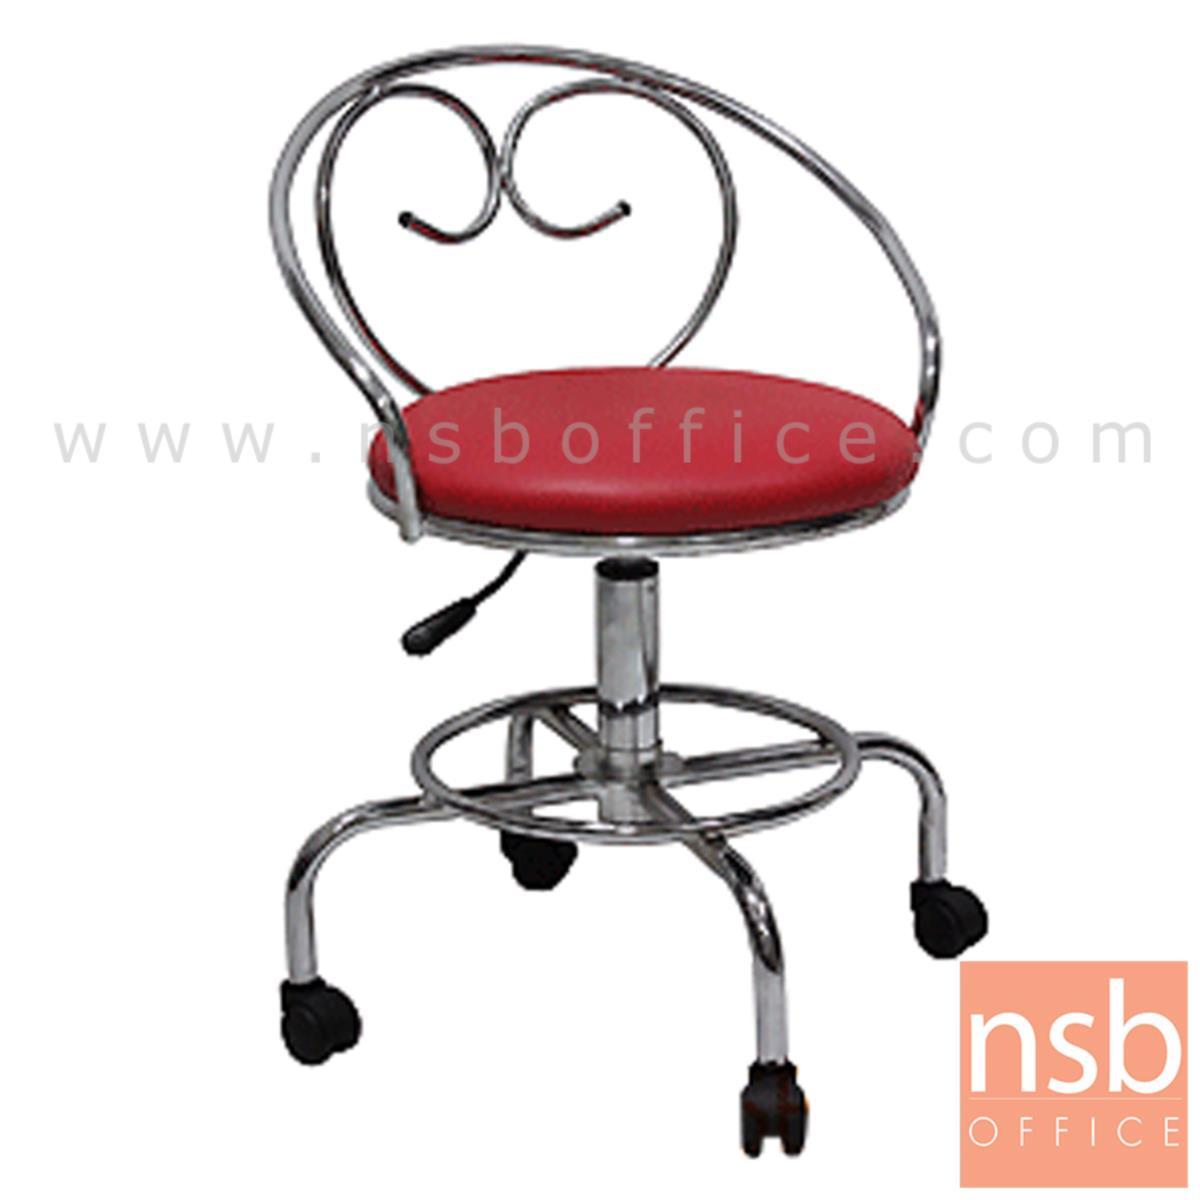 B09A106:เก้าอี้บาร์ที่นั่งกลมล้อเลื่อน รุ่น Odessa (โอเดซซ่า)  ขาเหล็กชุบโครเมี่ยม